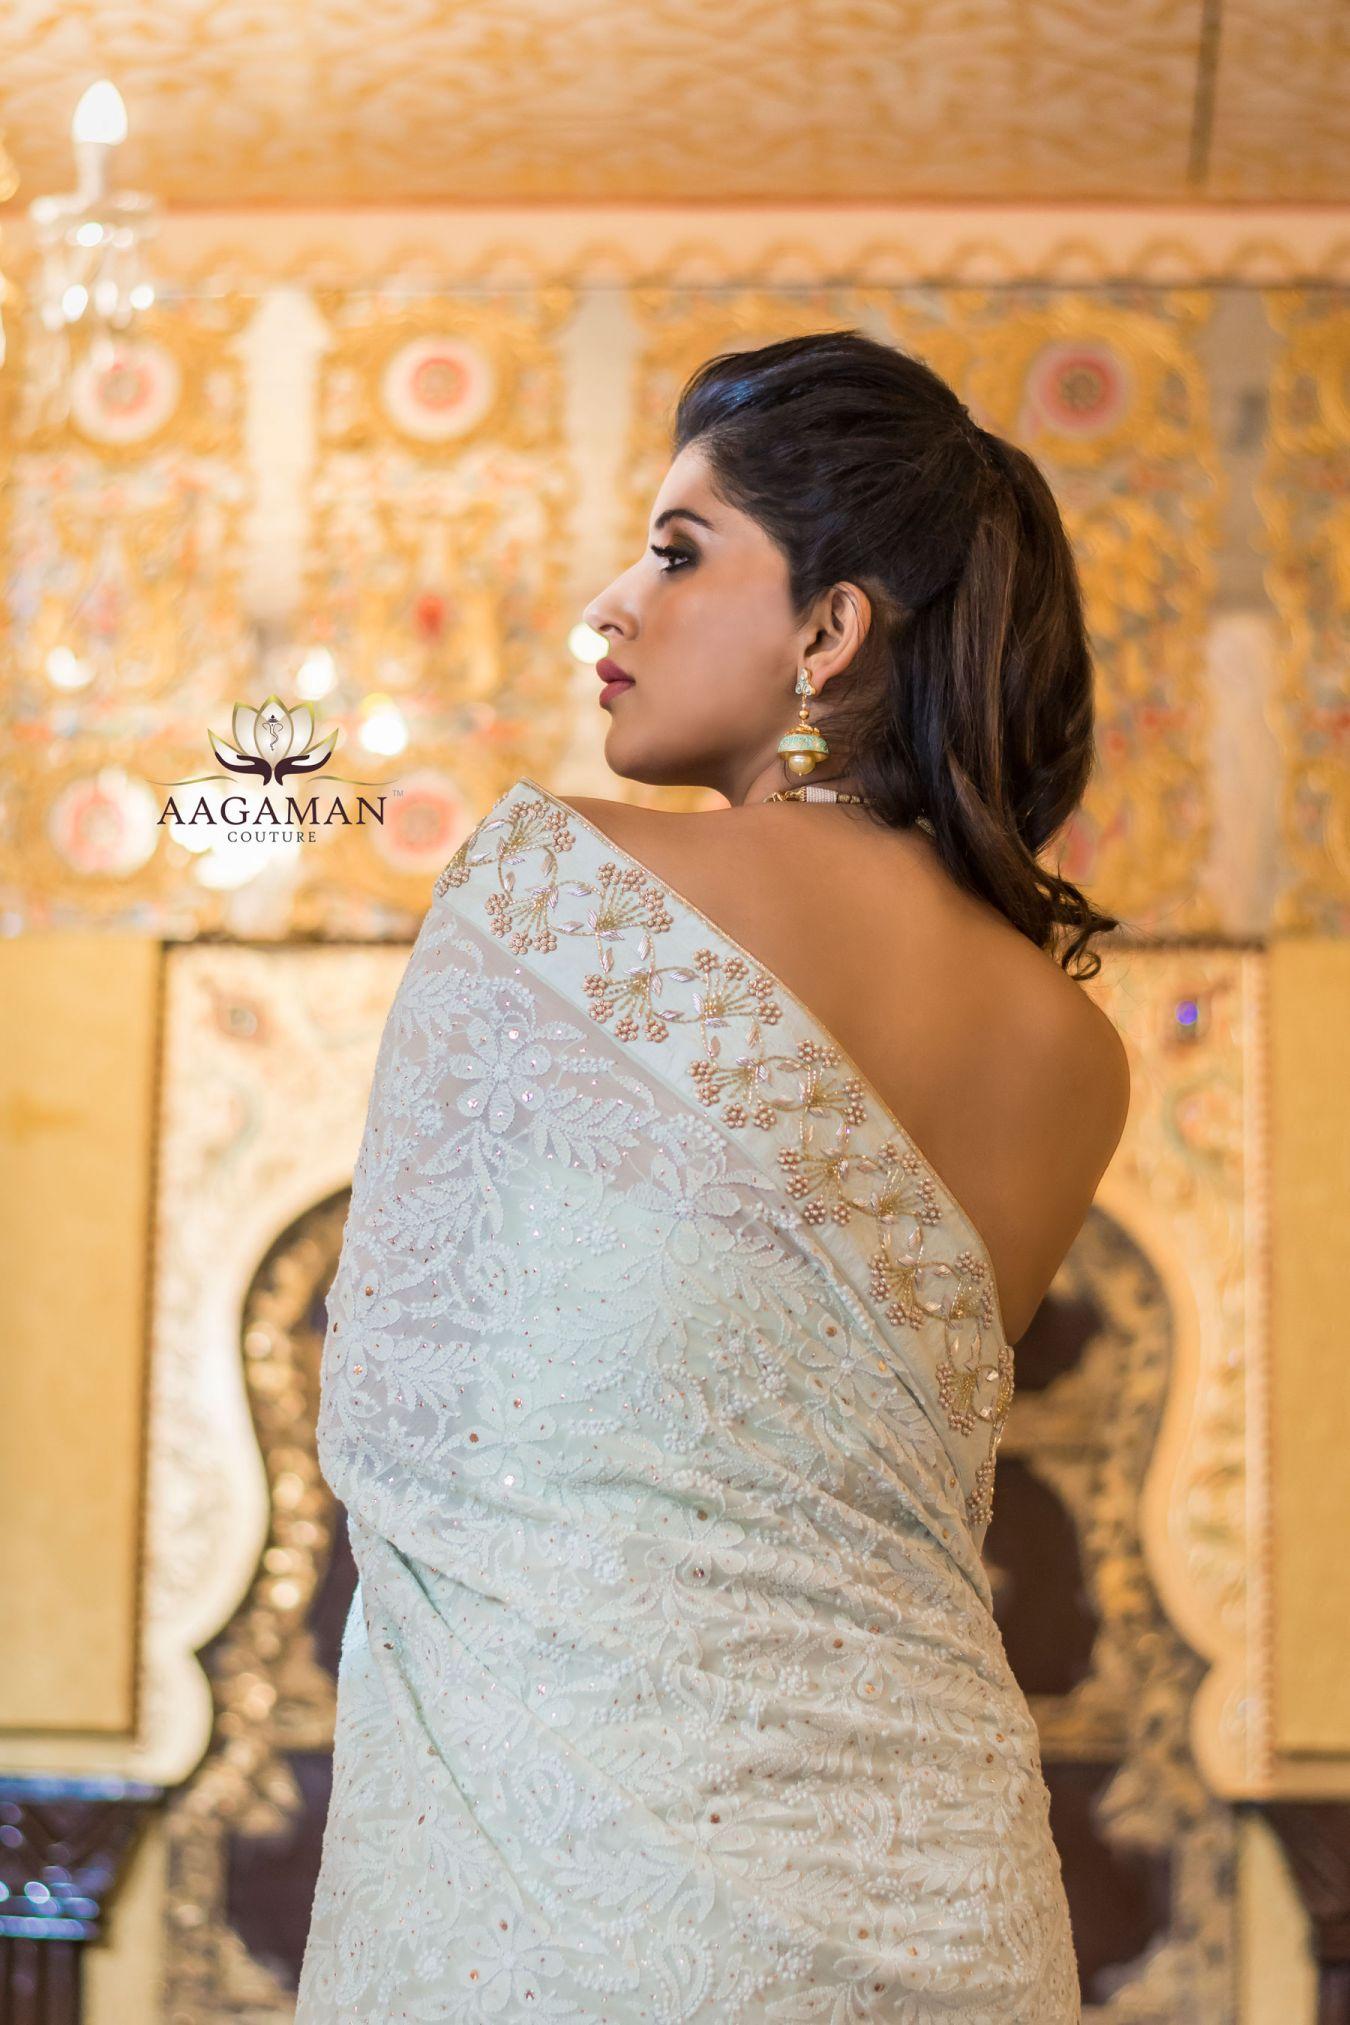 Analah